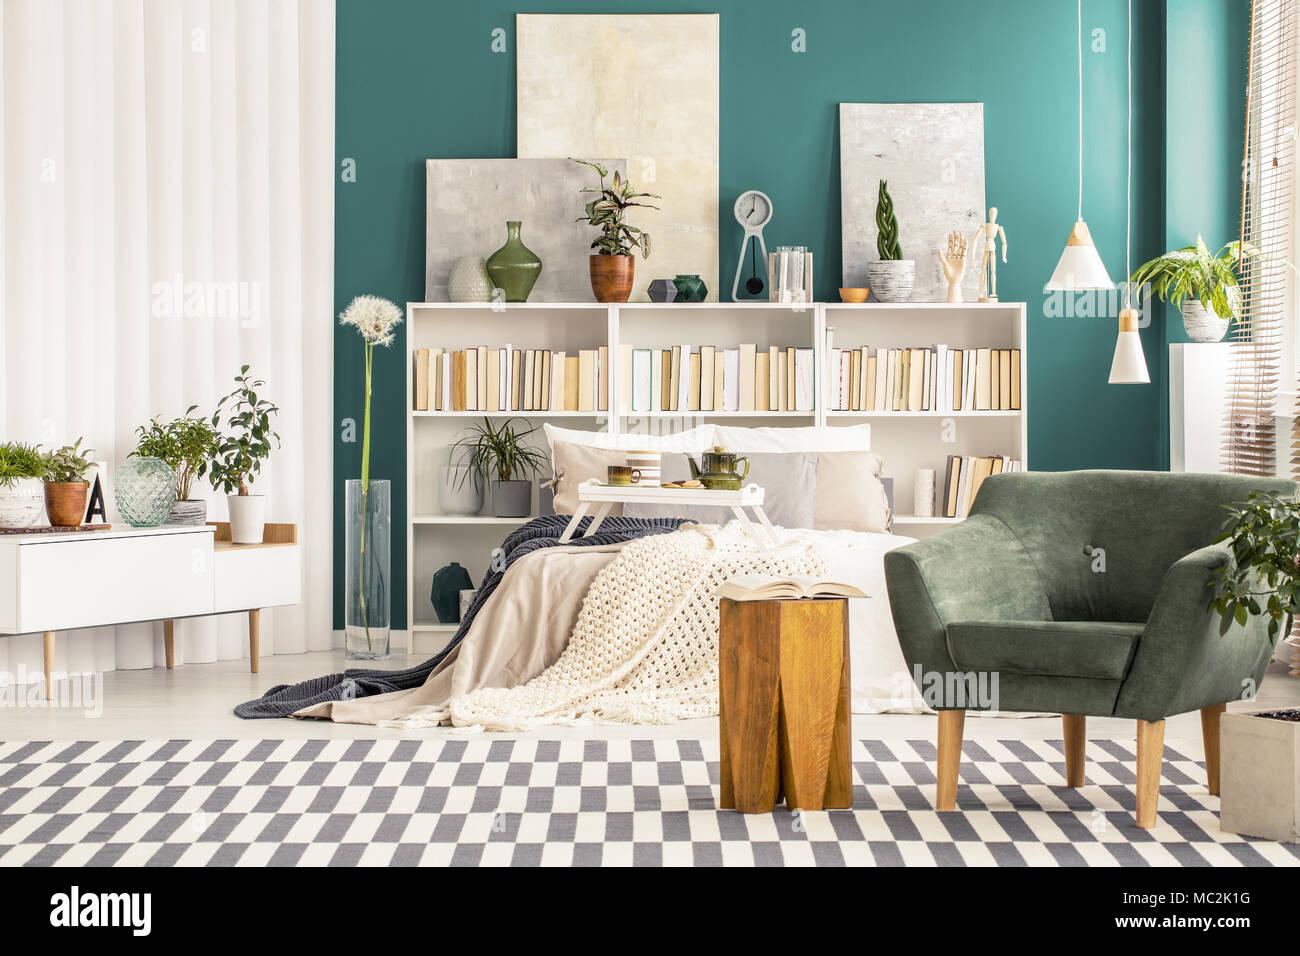 Grüne Sessel neben einem hölzernen Stuhl im Schlafzimmer Einrichtung ...